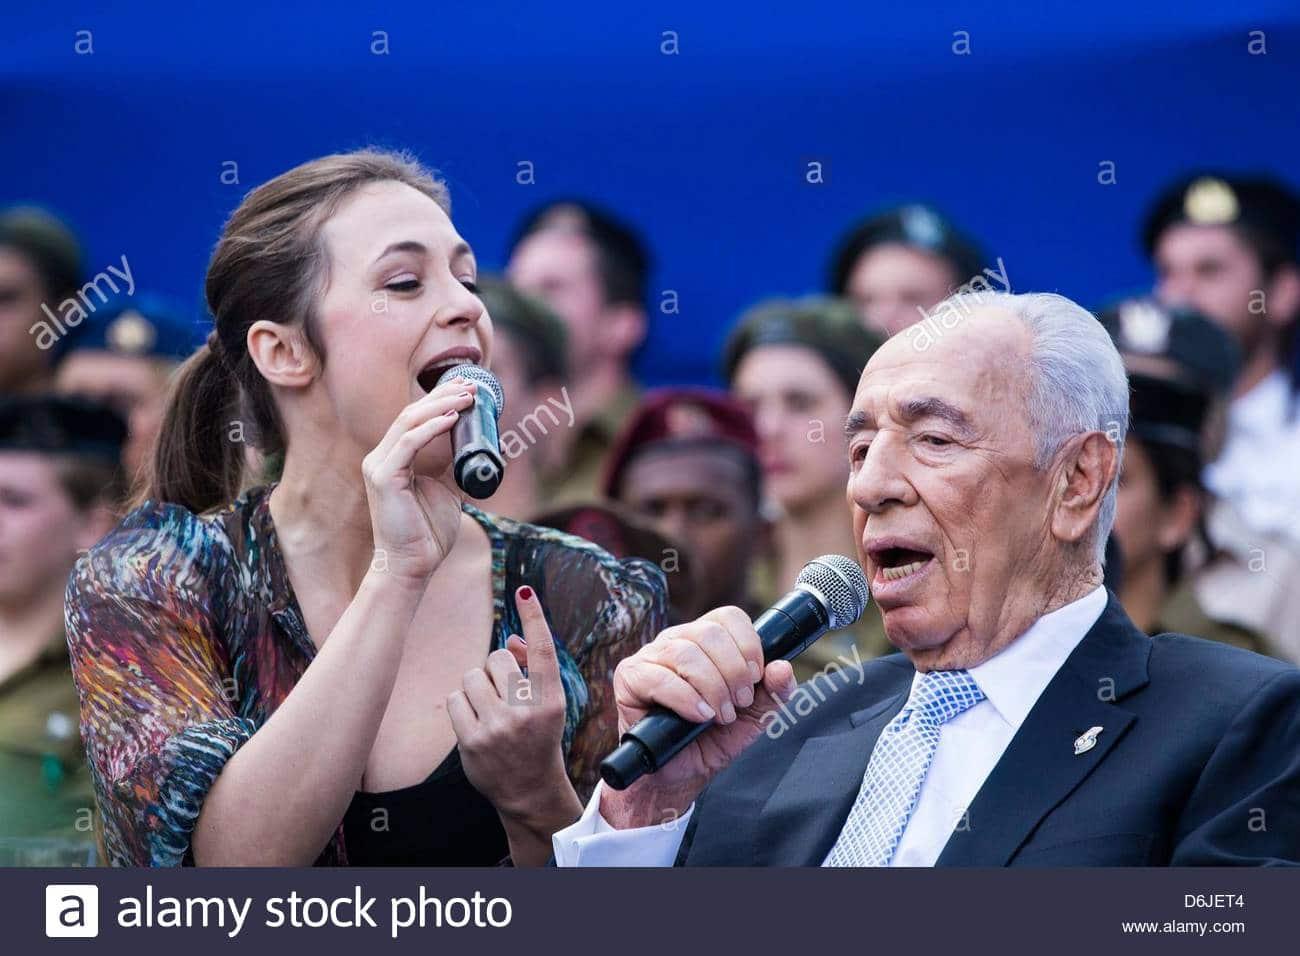 israeli-president-shimon-peres-r-singing-in-honor-of-outstanding-d6jet4